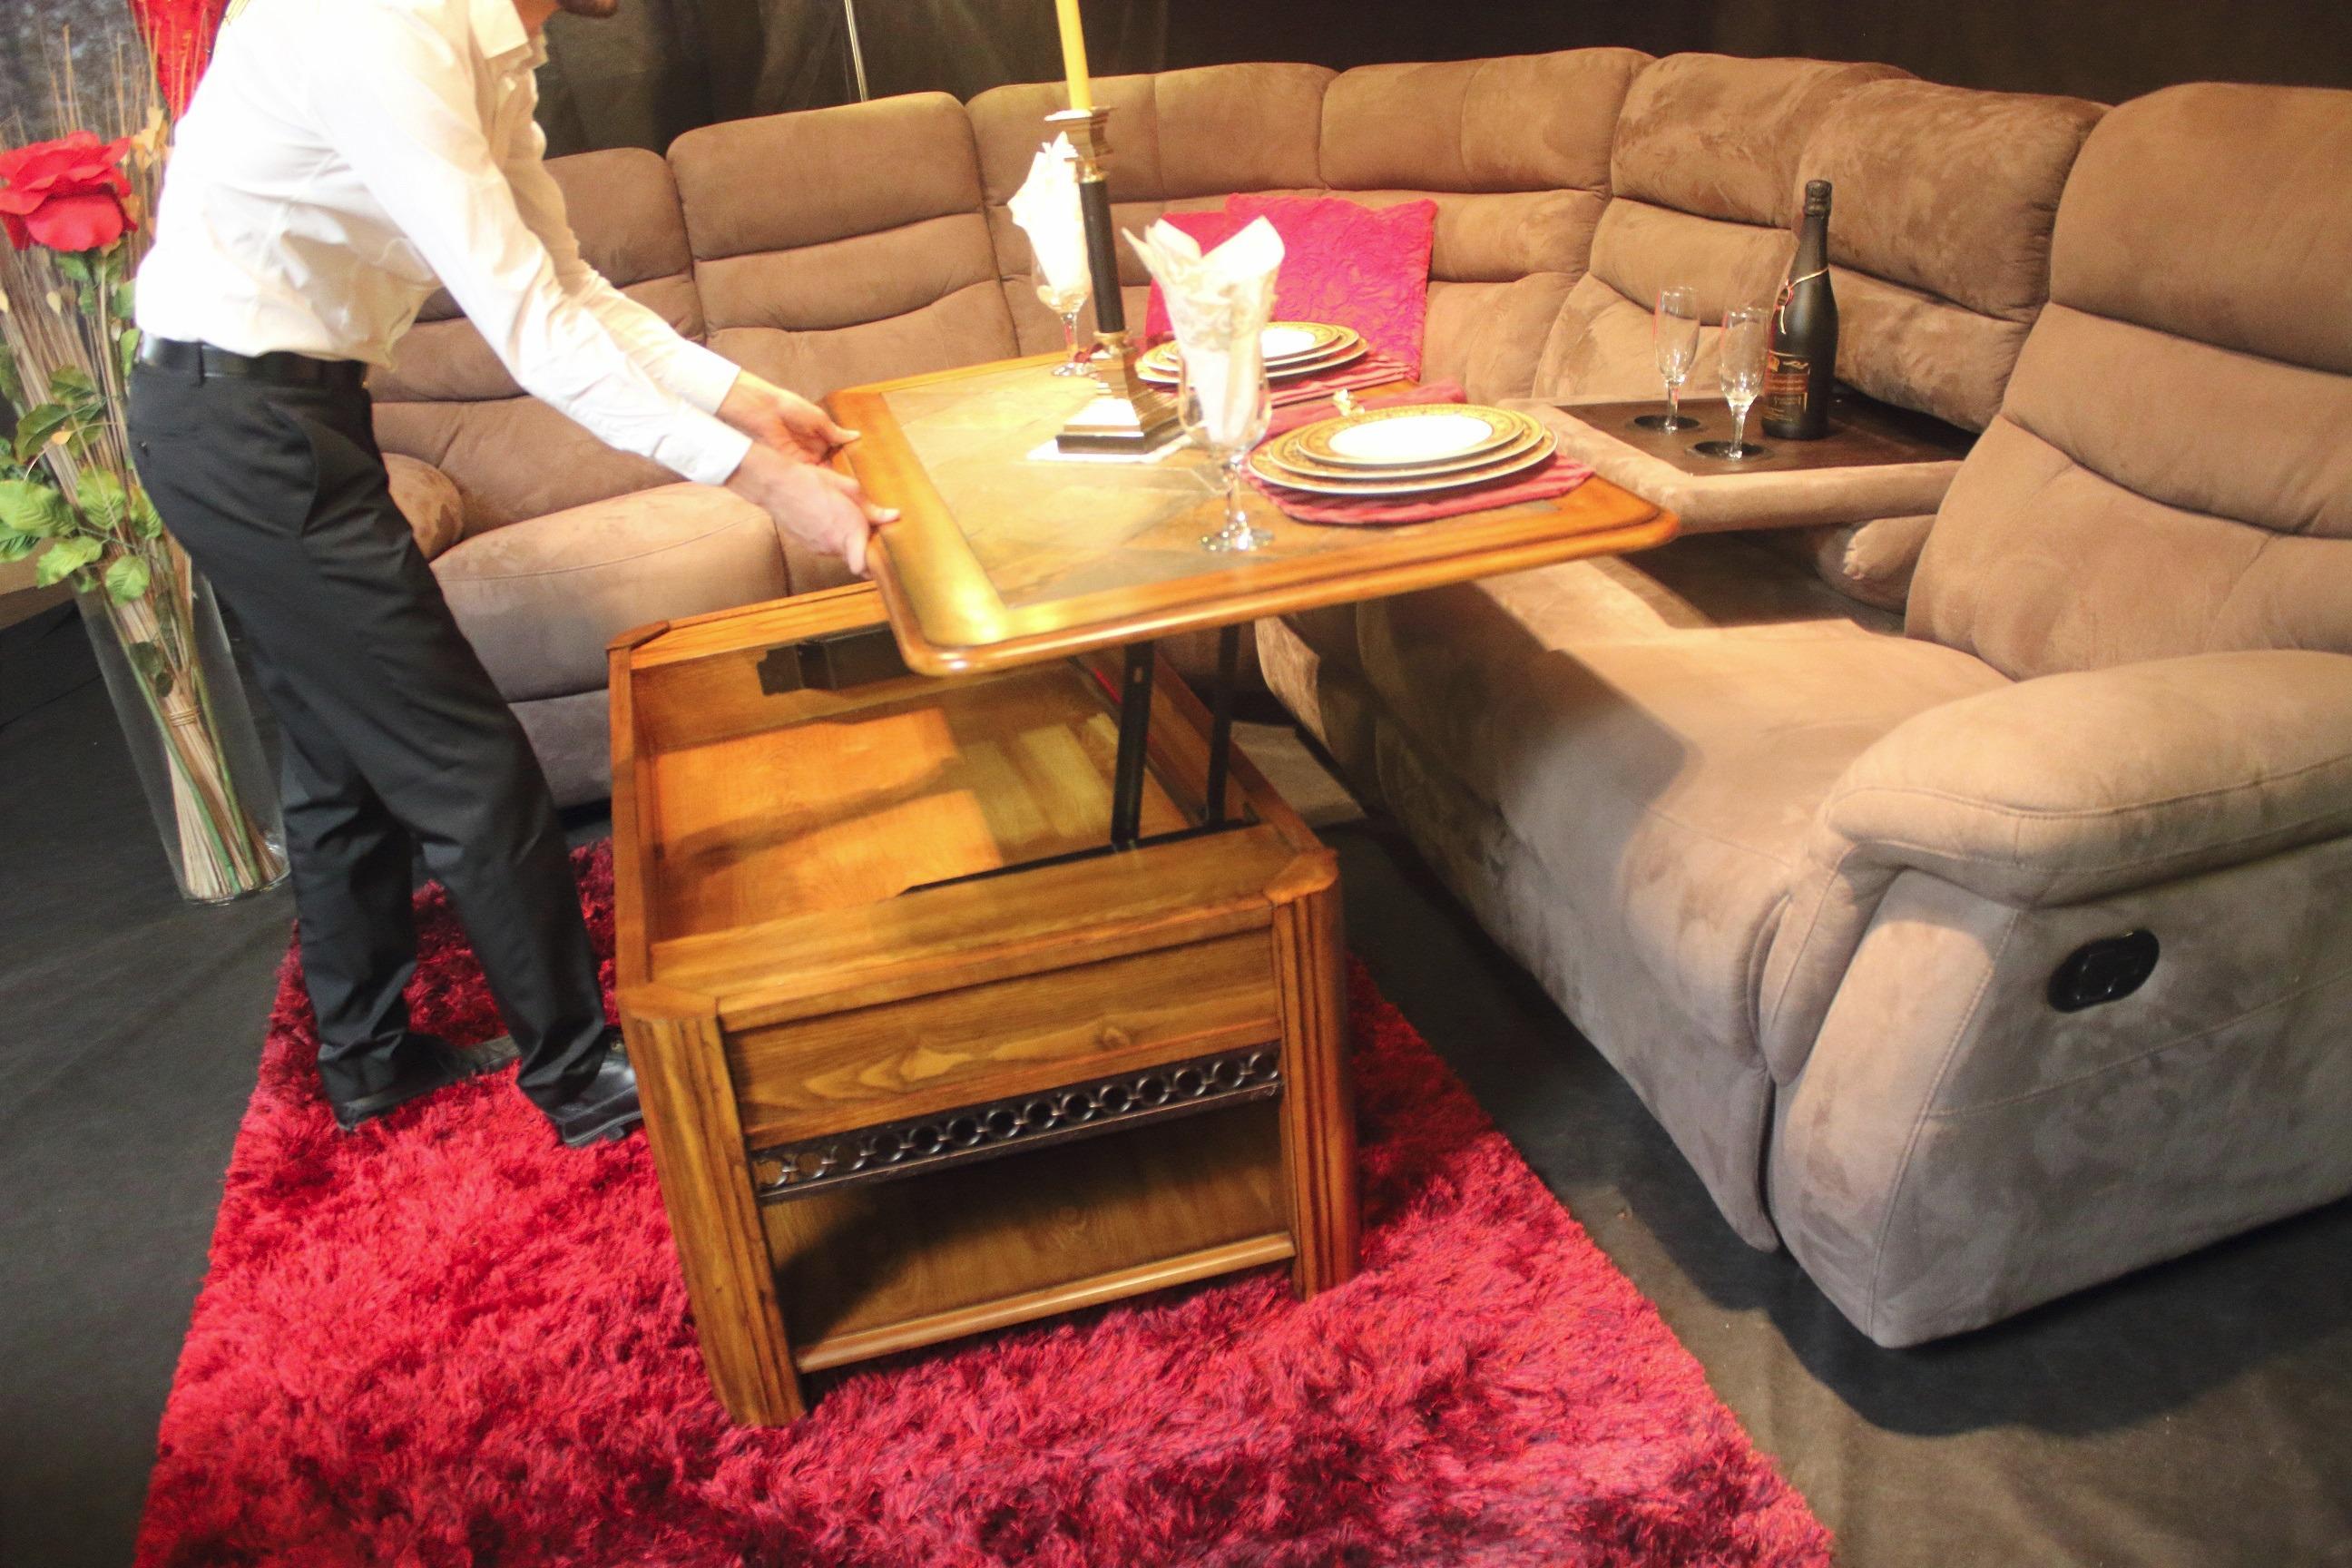 ffnungszeiten von merz wasserbetten und schlafsysteme von merz in m nchen. Black Bedroom Furniture Sets. Home Design Ideas